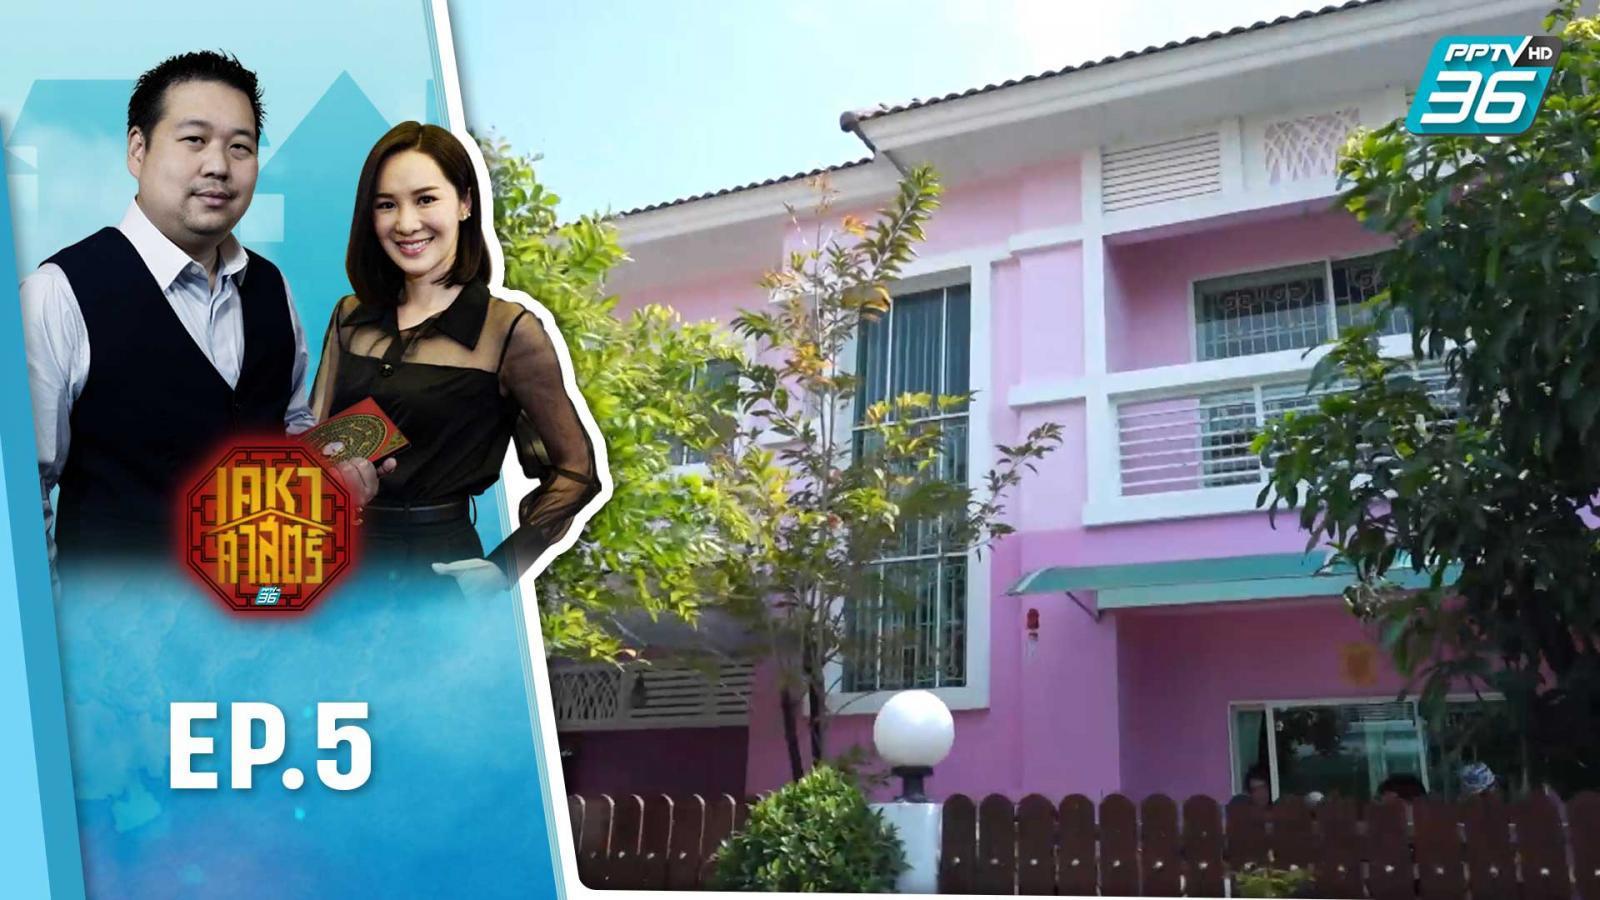 เคหาศาสตร์ EP.5 | บ้านผู้หญิงบ้างาน | PPTV HD 36